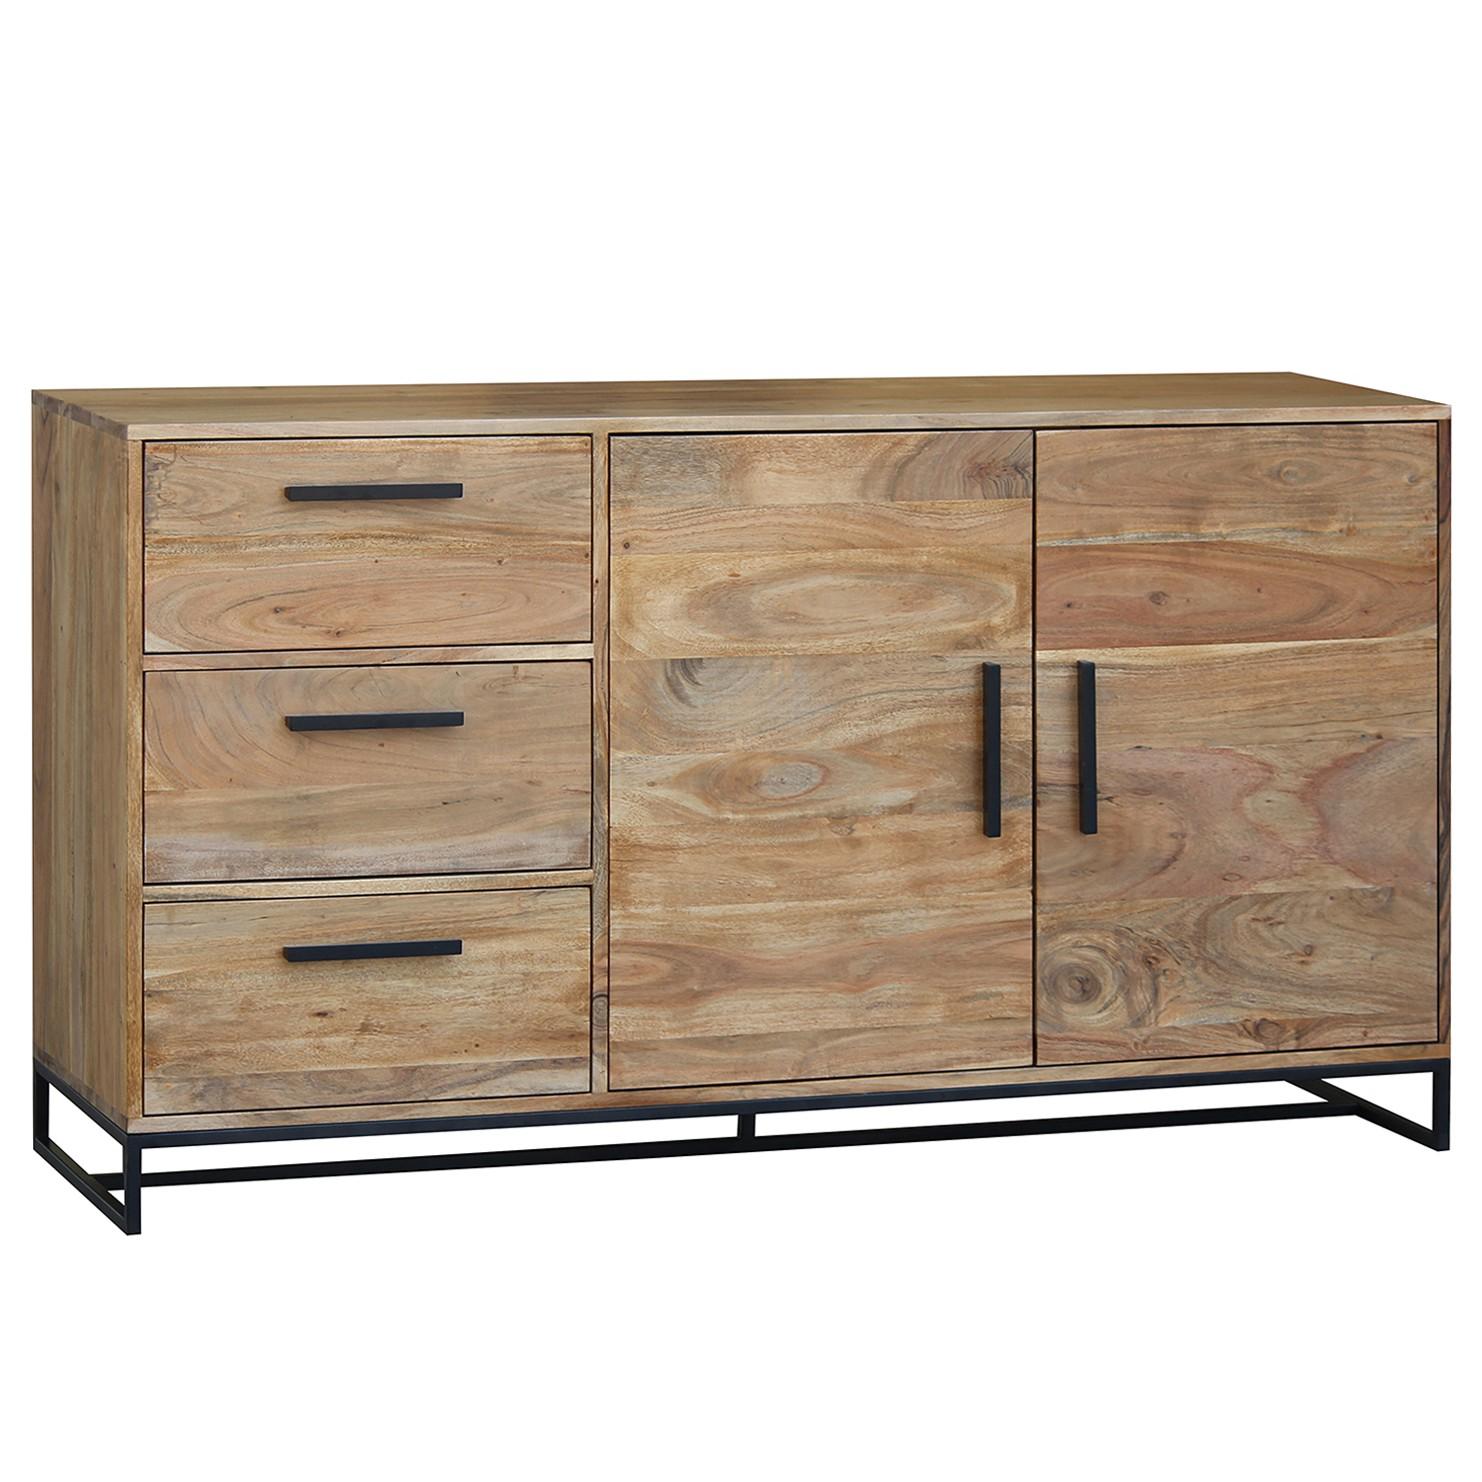 home24 Sideboard Woodson II